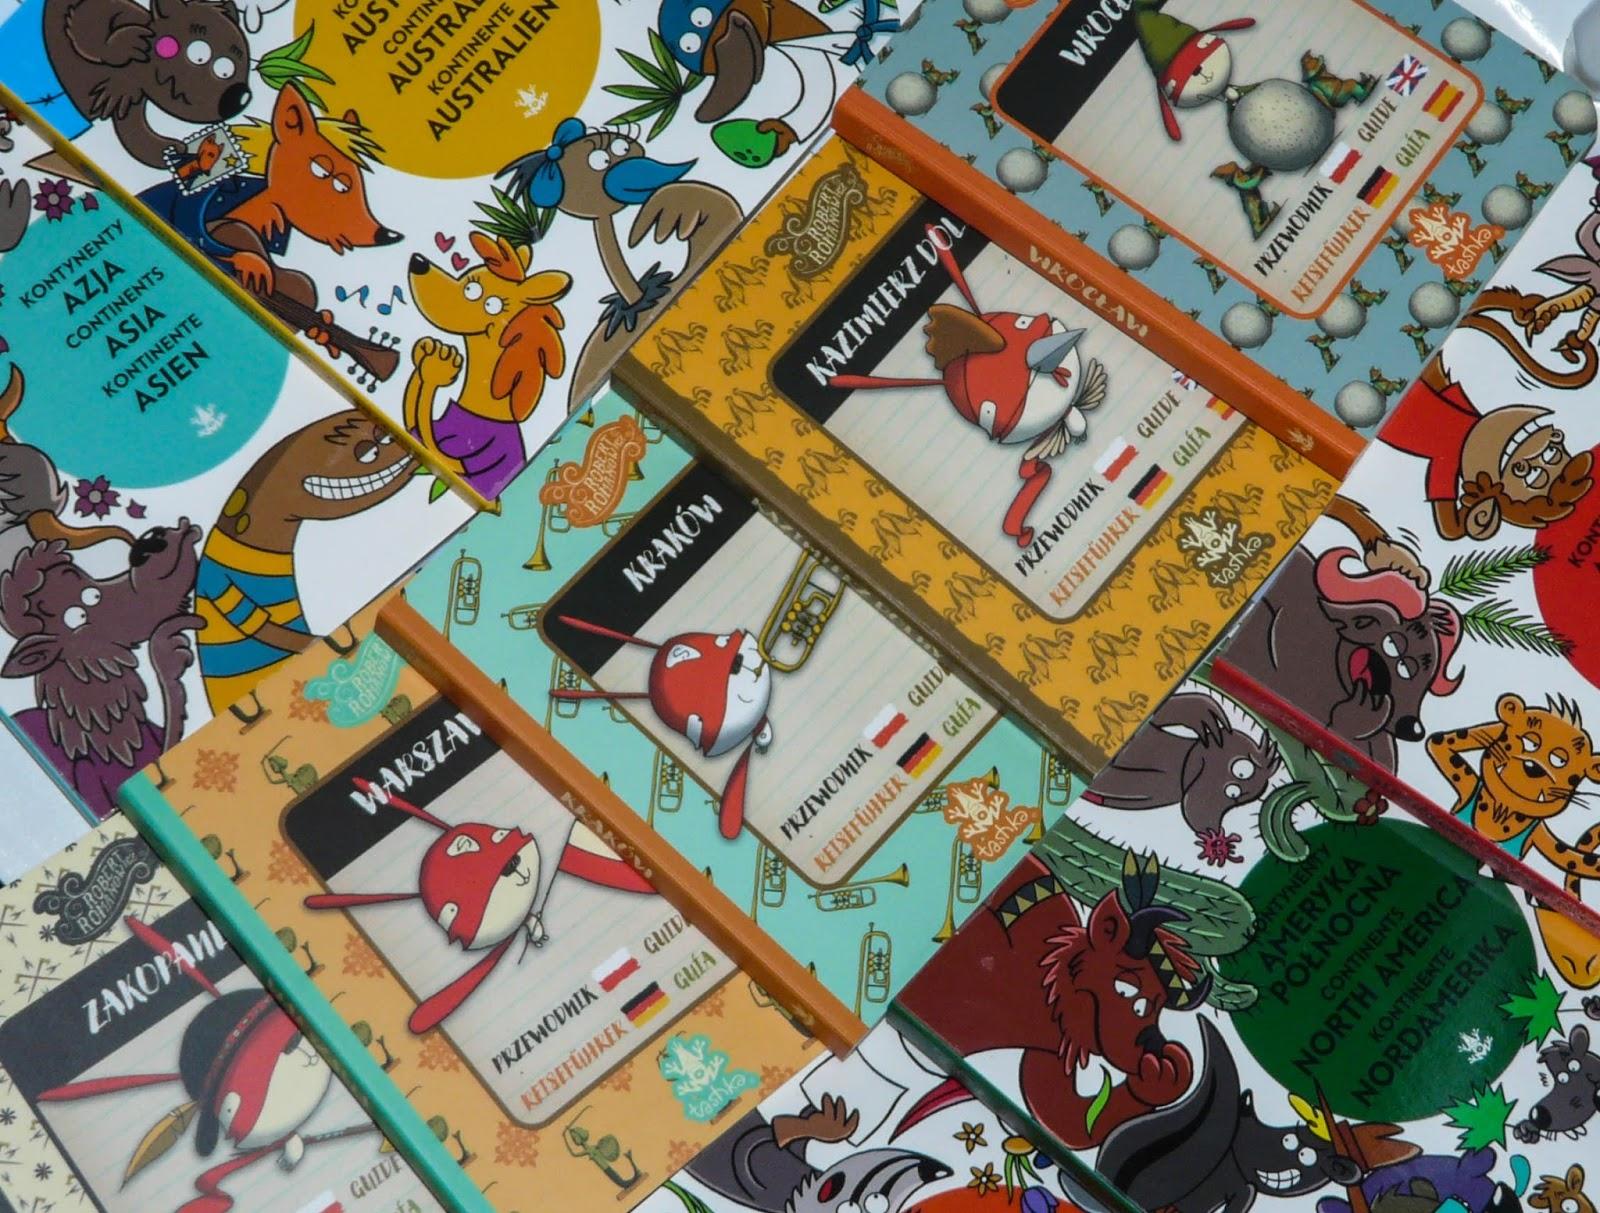 książeczki dla maluszka, książki dla roczniaka, książki dla dwulatka, przewodniki dla dzieci